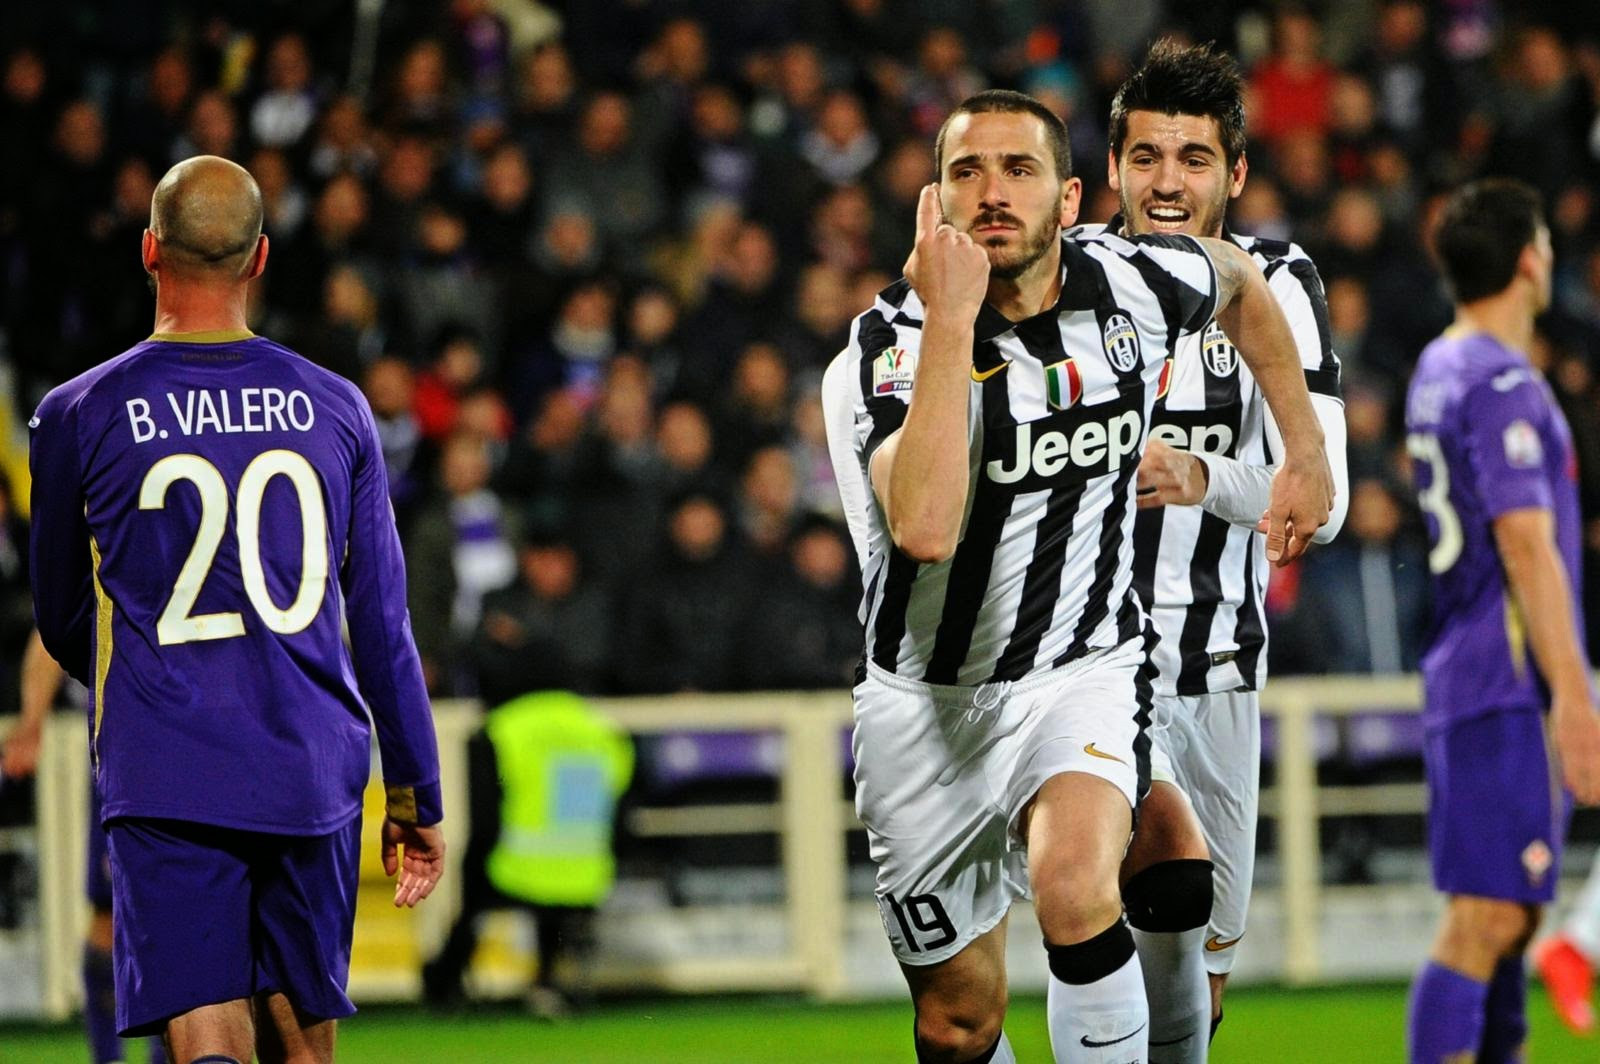 CALCIO Juventus, tutti Allegri per lo show a Firenze